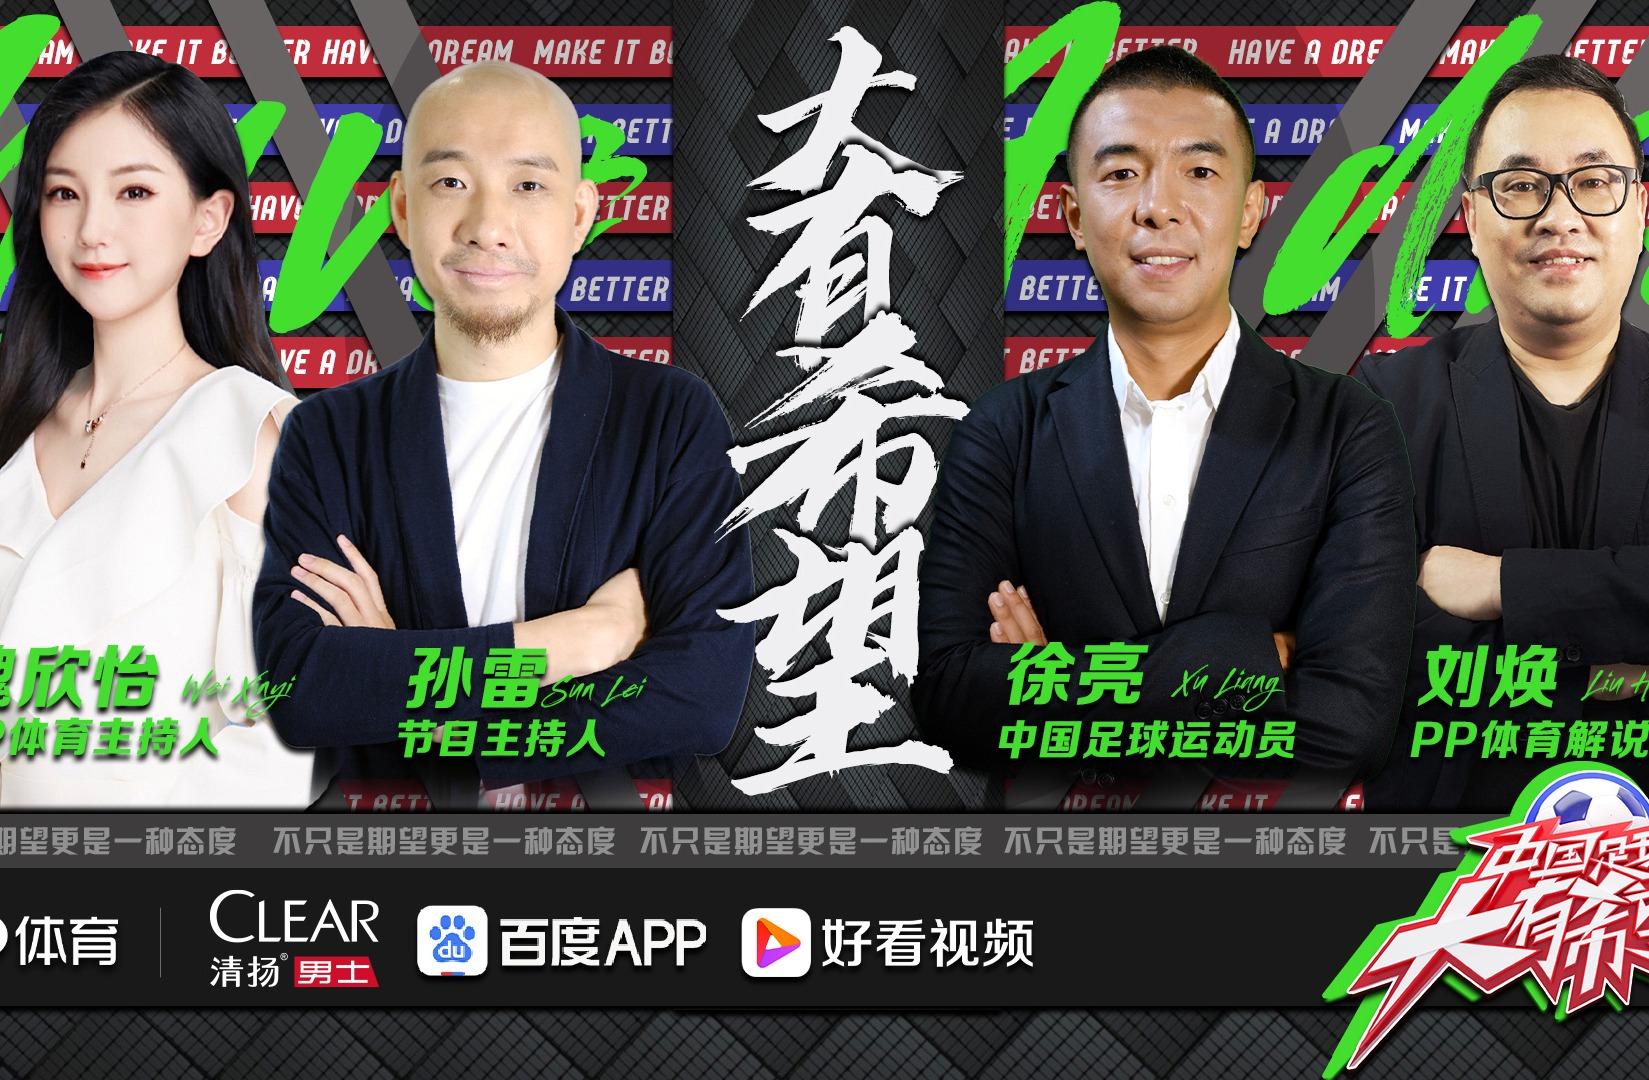 第18期:徐亮盛赞韦世豪 看好申花夺冠